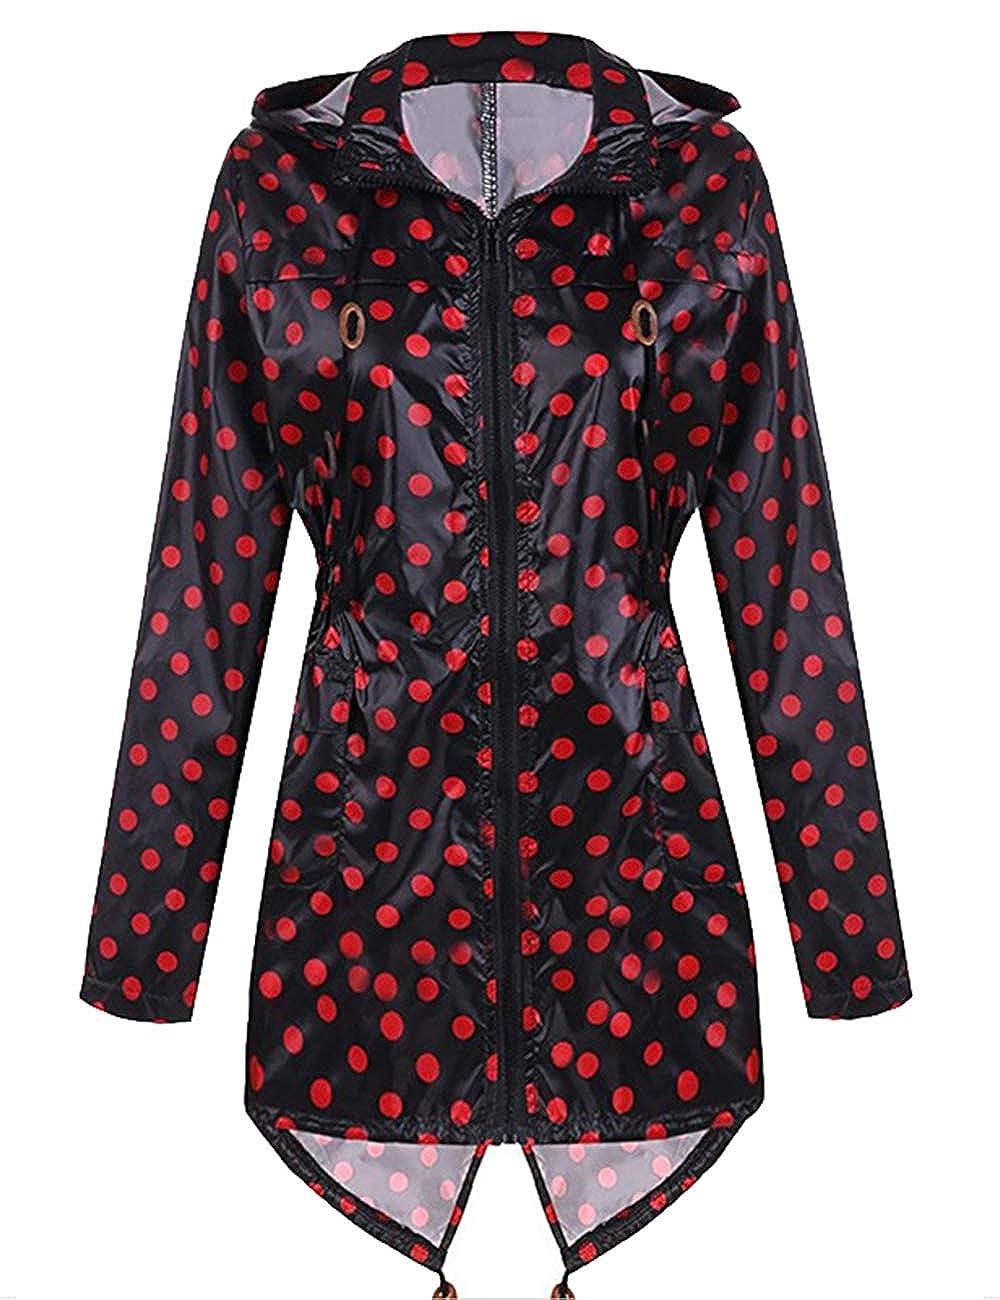 SEBOWEL Women's Lightweight Waterproof Raincoat Hooded Outdoor Long Rain Jacket